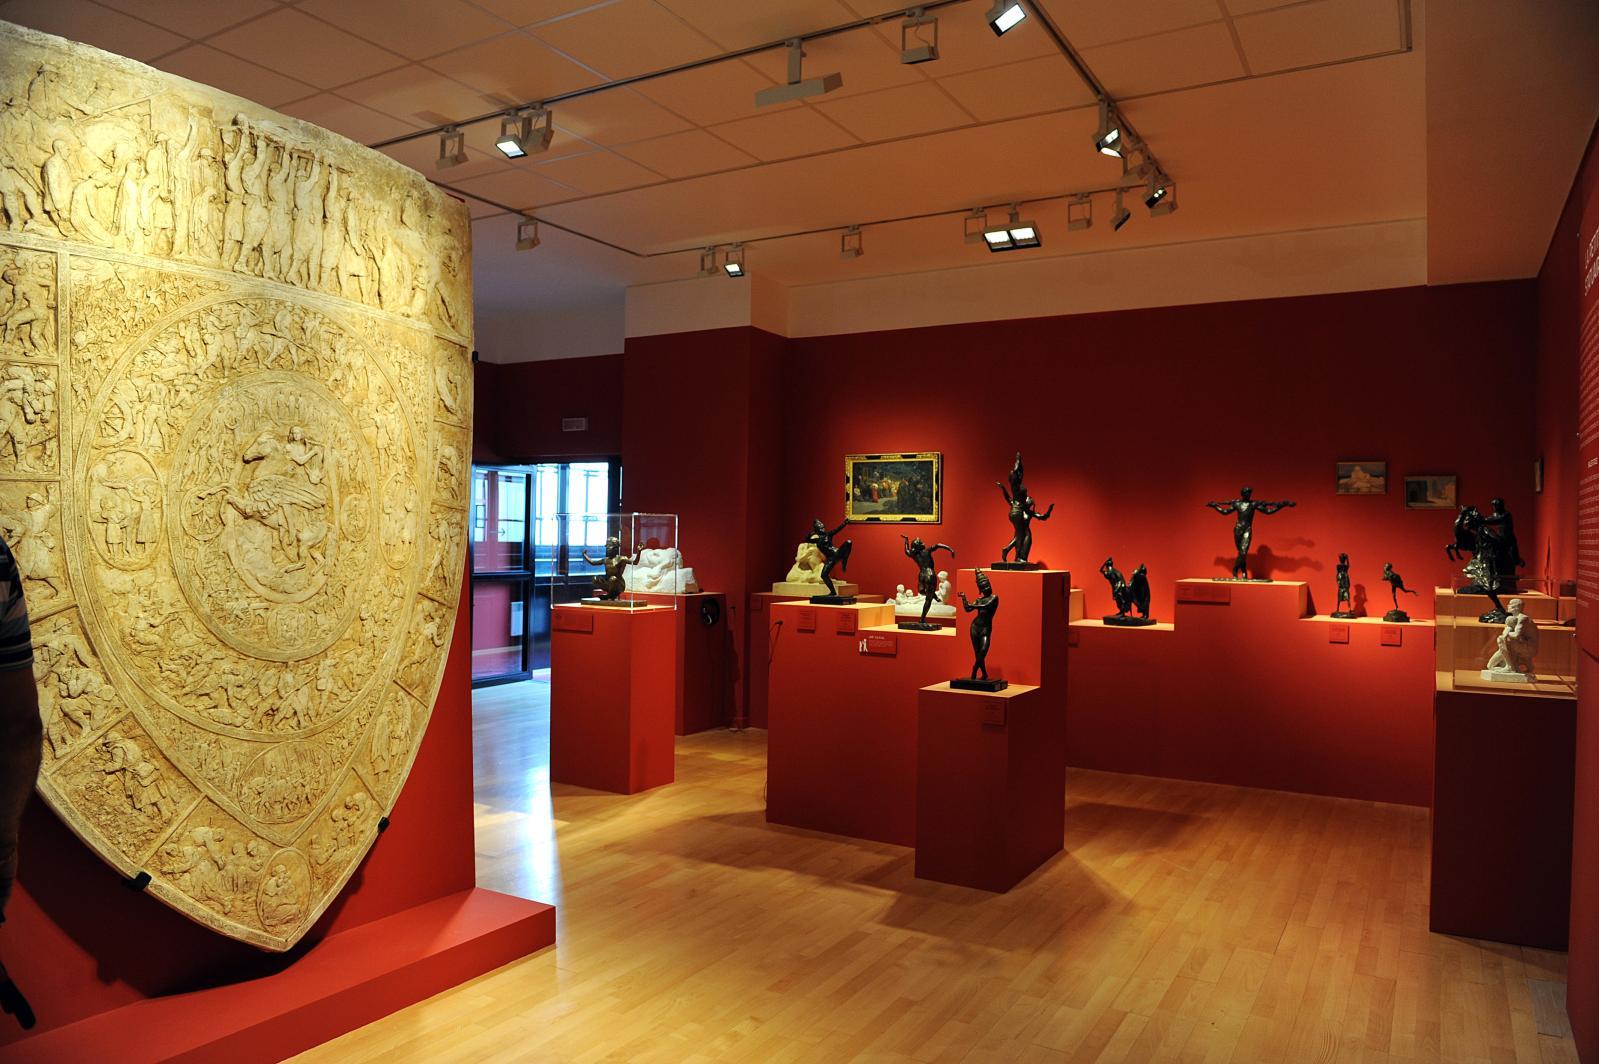 Vue de la salle principale avec, à gauche, le bouclier de la France et, à l'arrière-plan, la petite statuaire. © Saragoussi - Musée Paul-landowski ©A